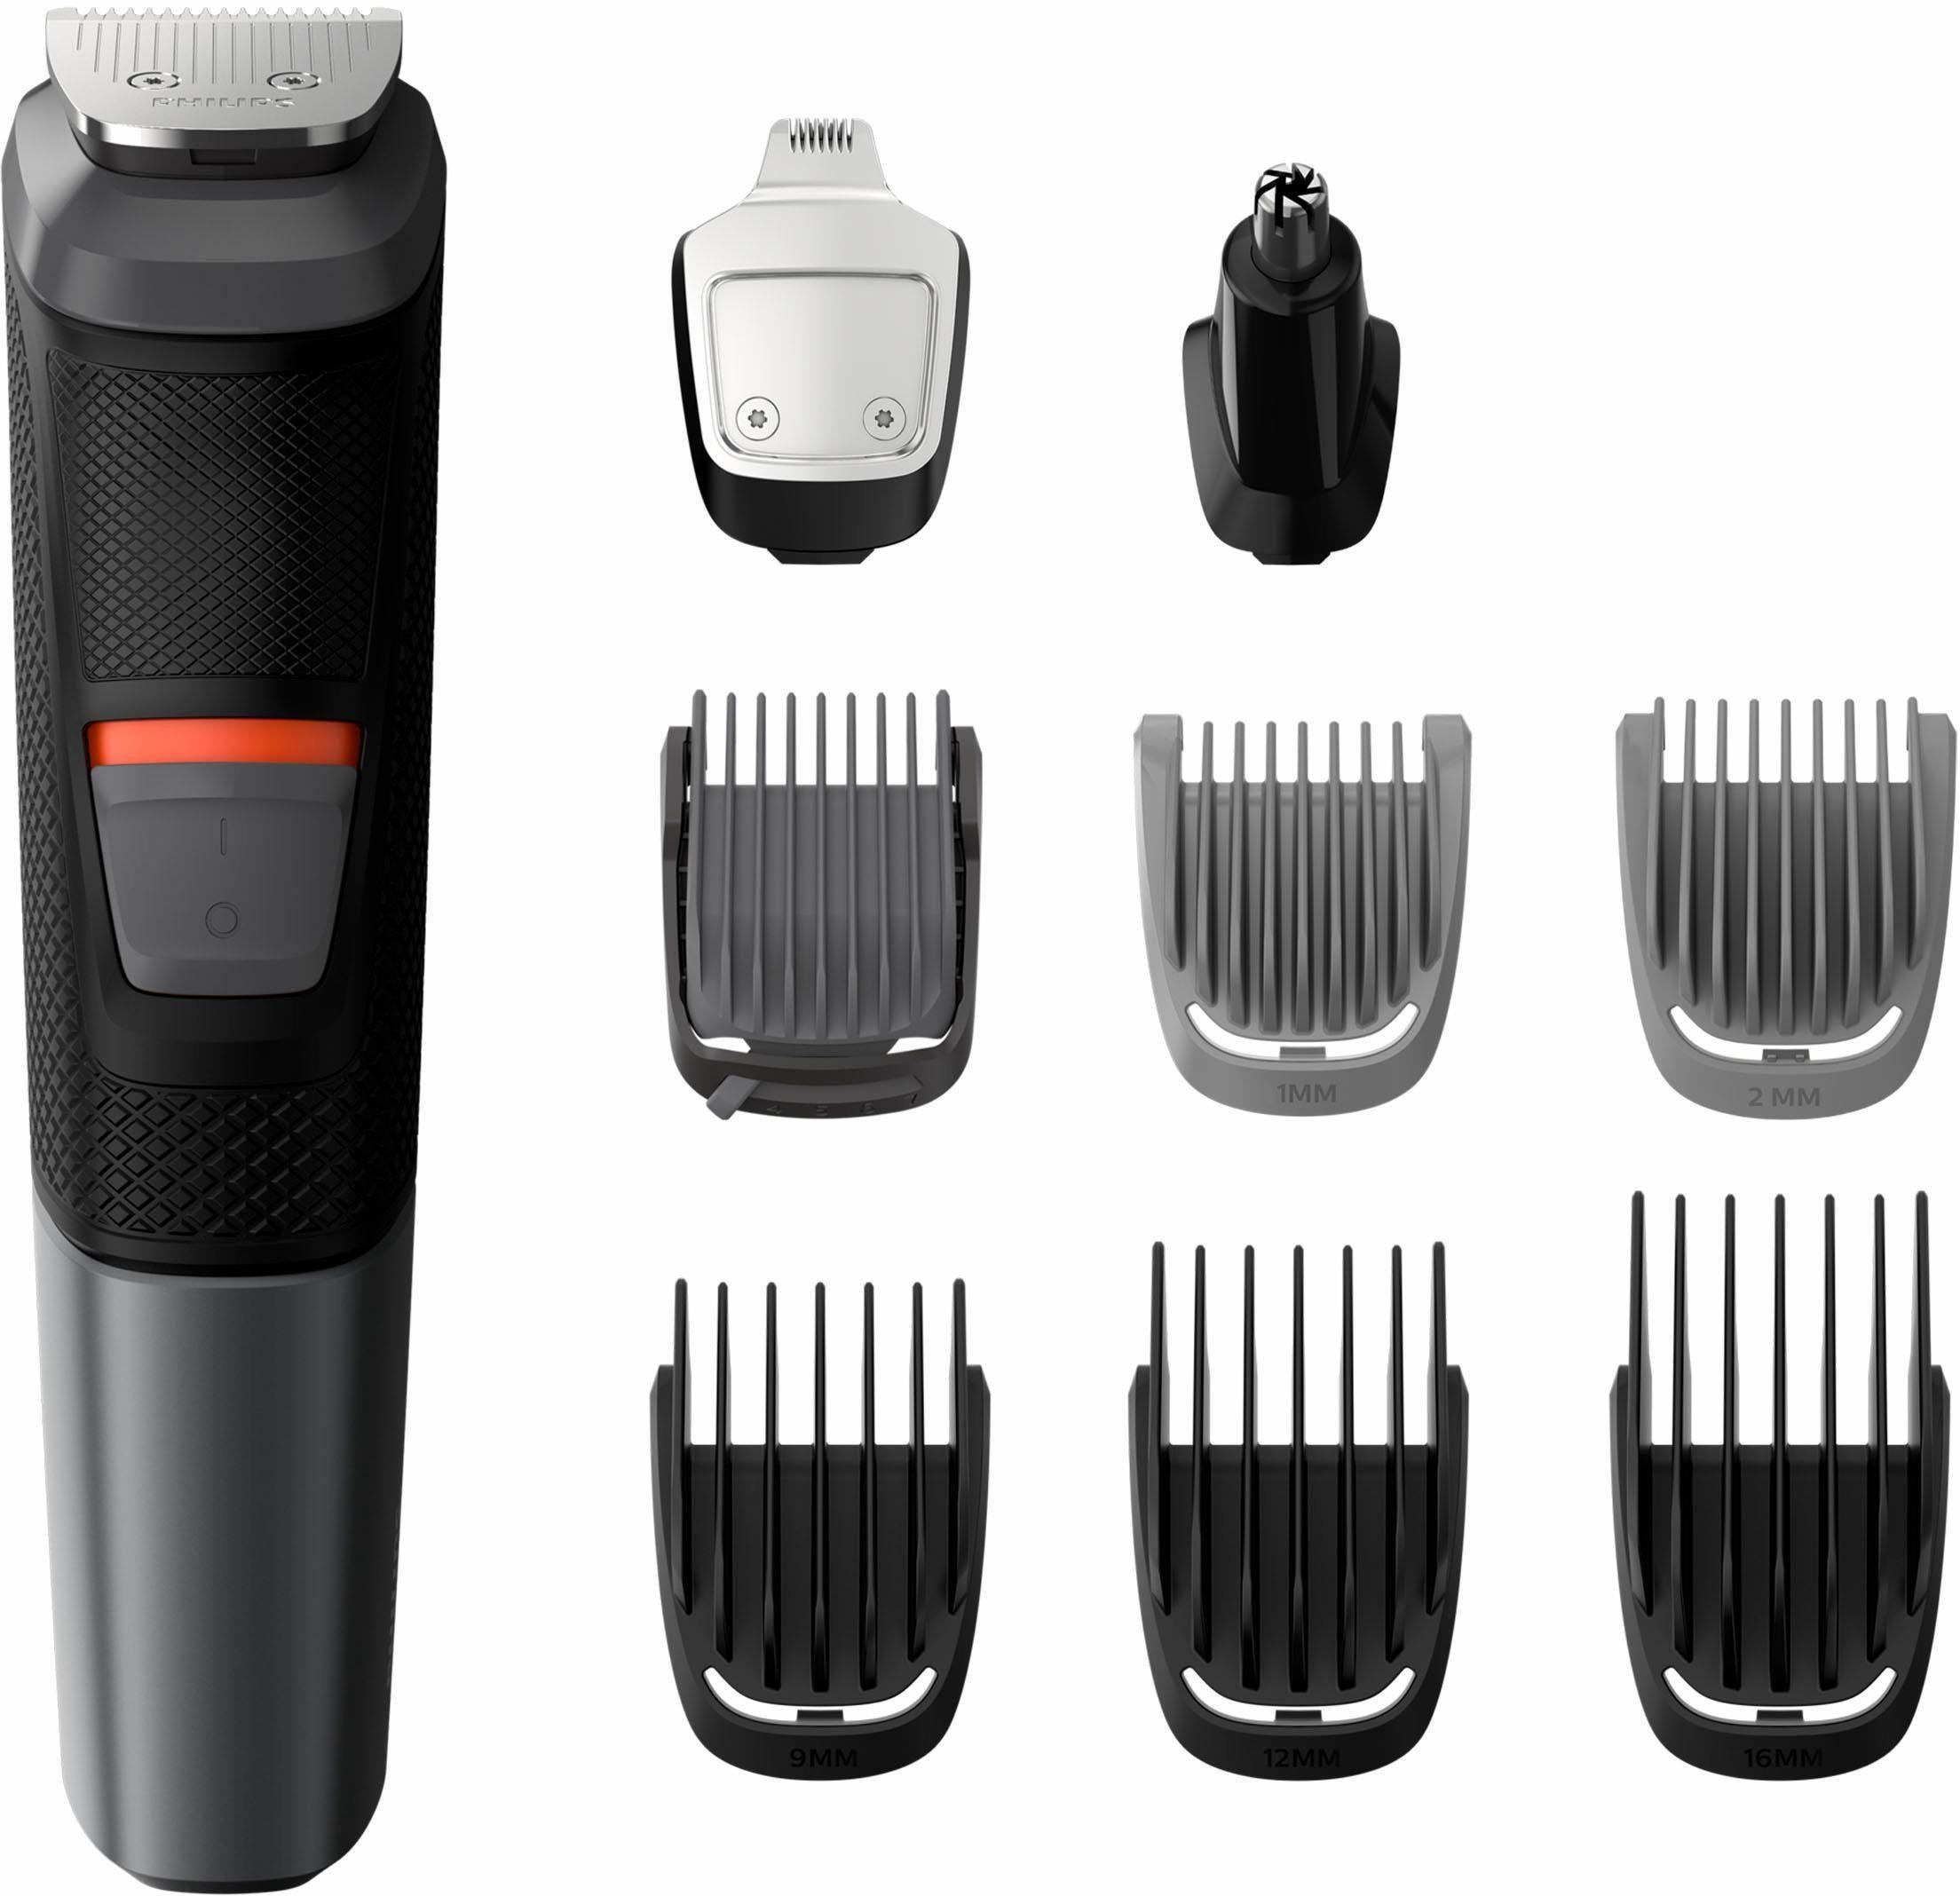 Philips Haar- und Bartschneider MG5720/15, Multigroom Series 5000 mit 9 hochwertigen Aufsätzen